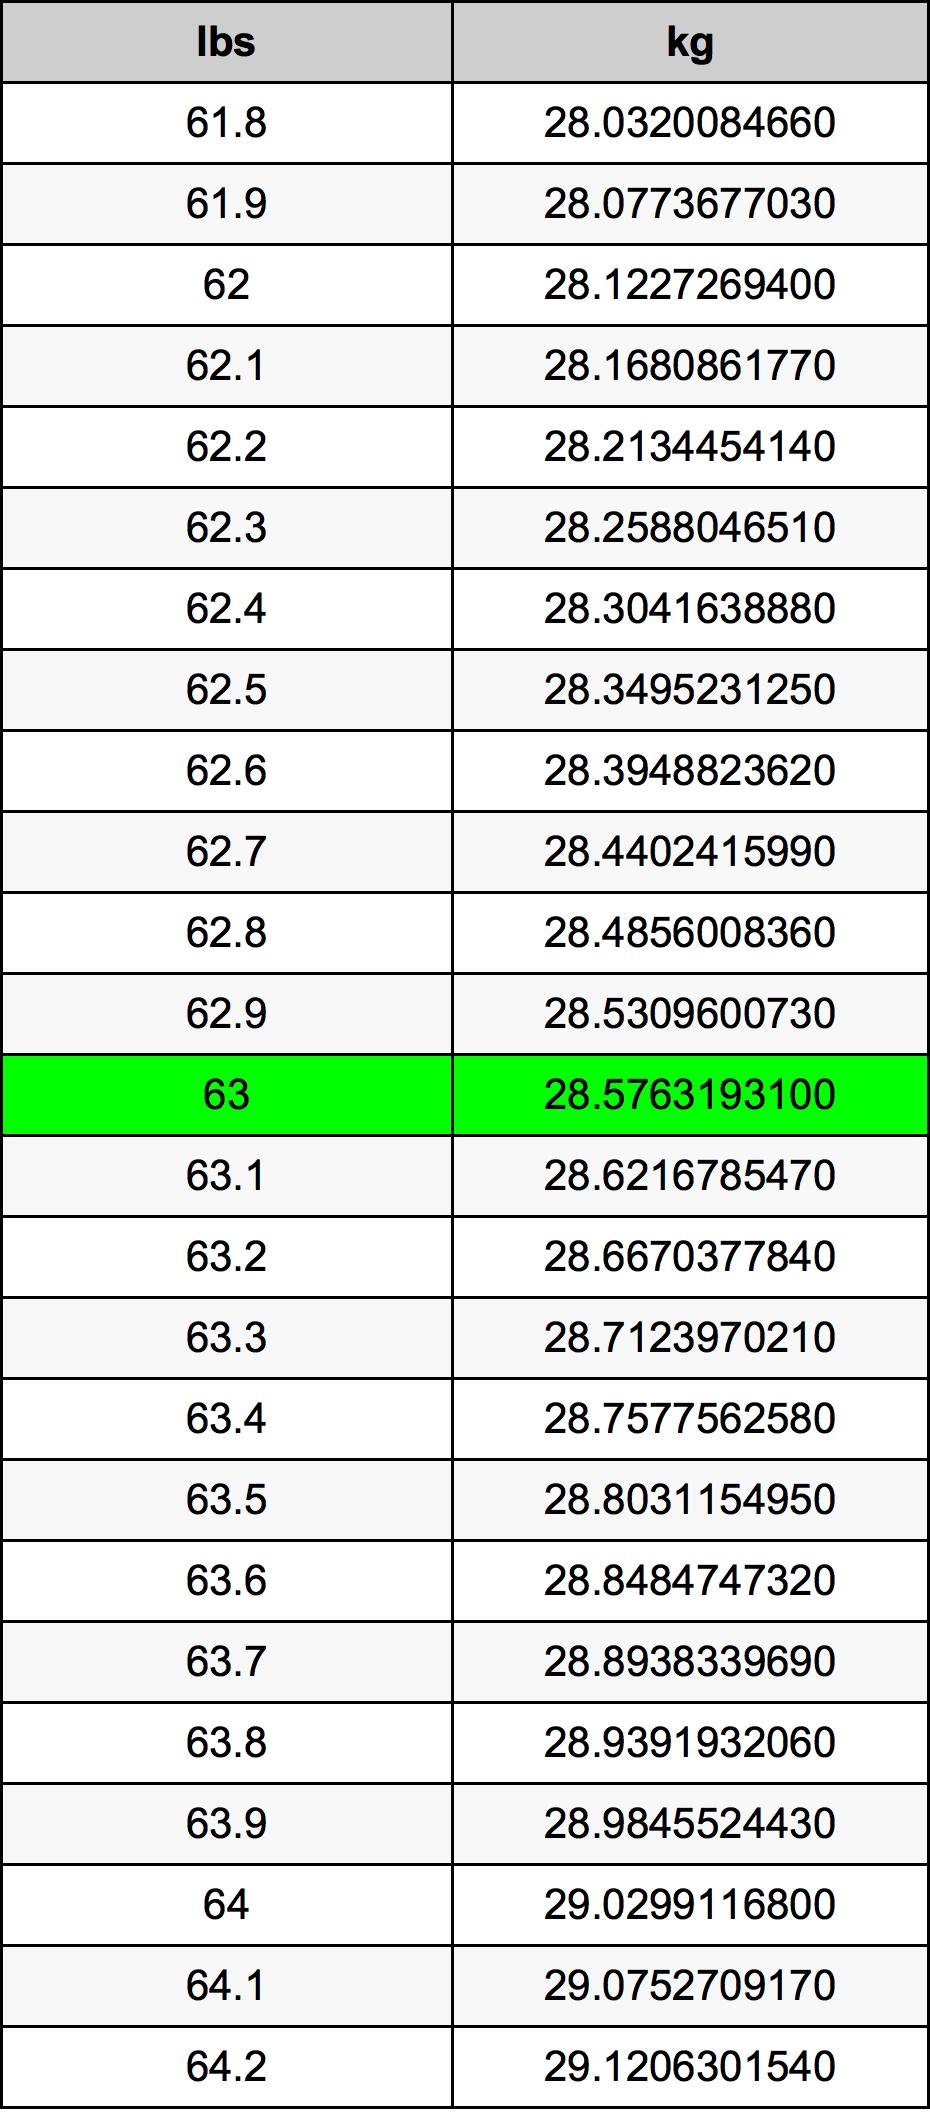 63 livră tabelul de conversie